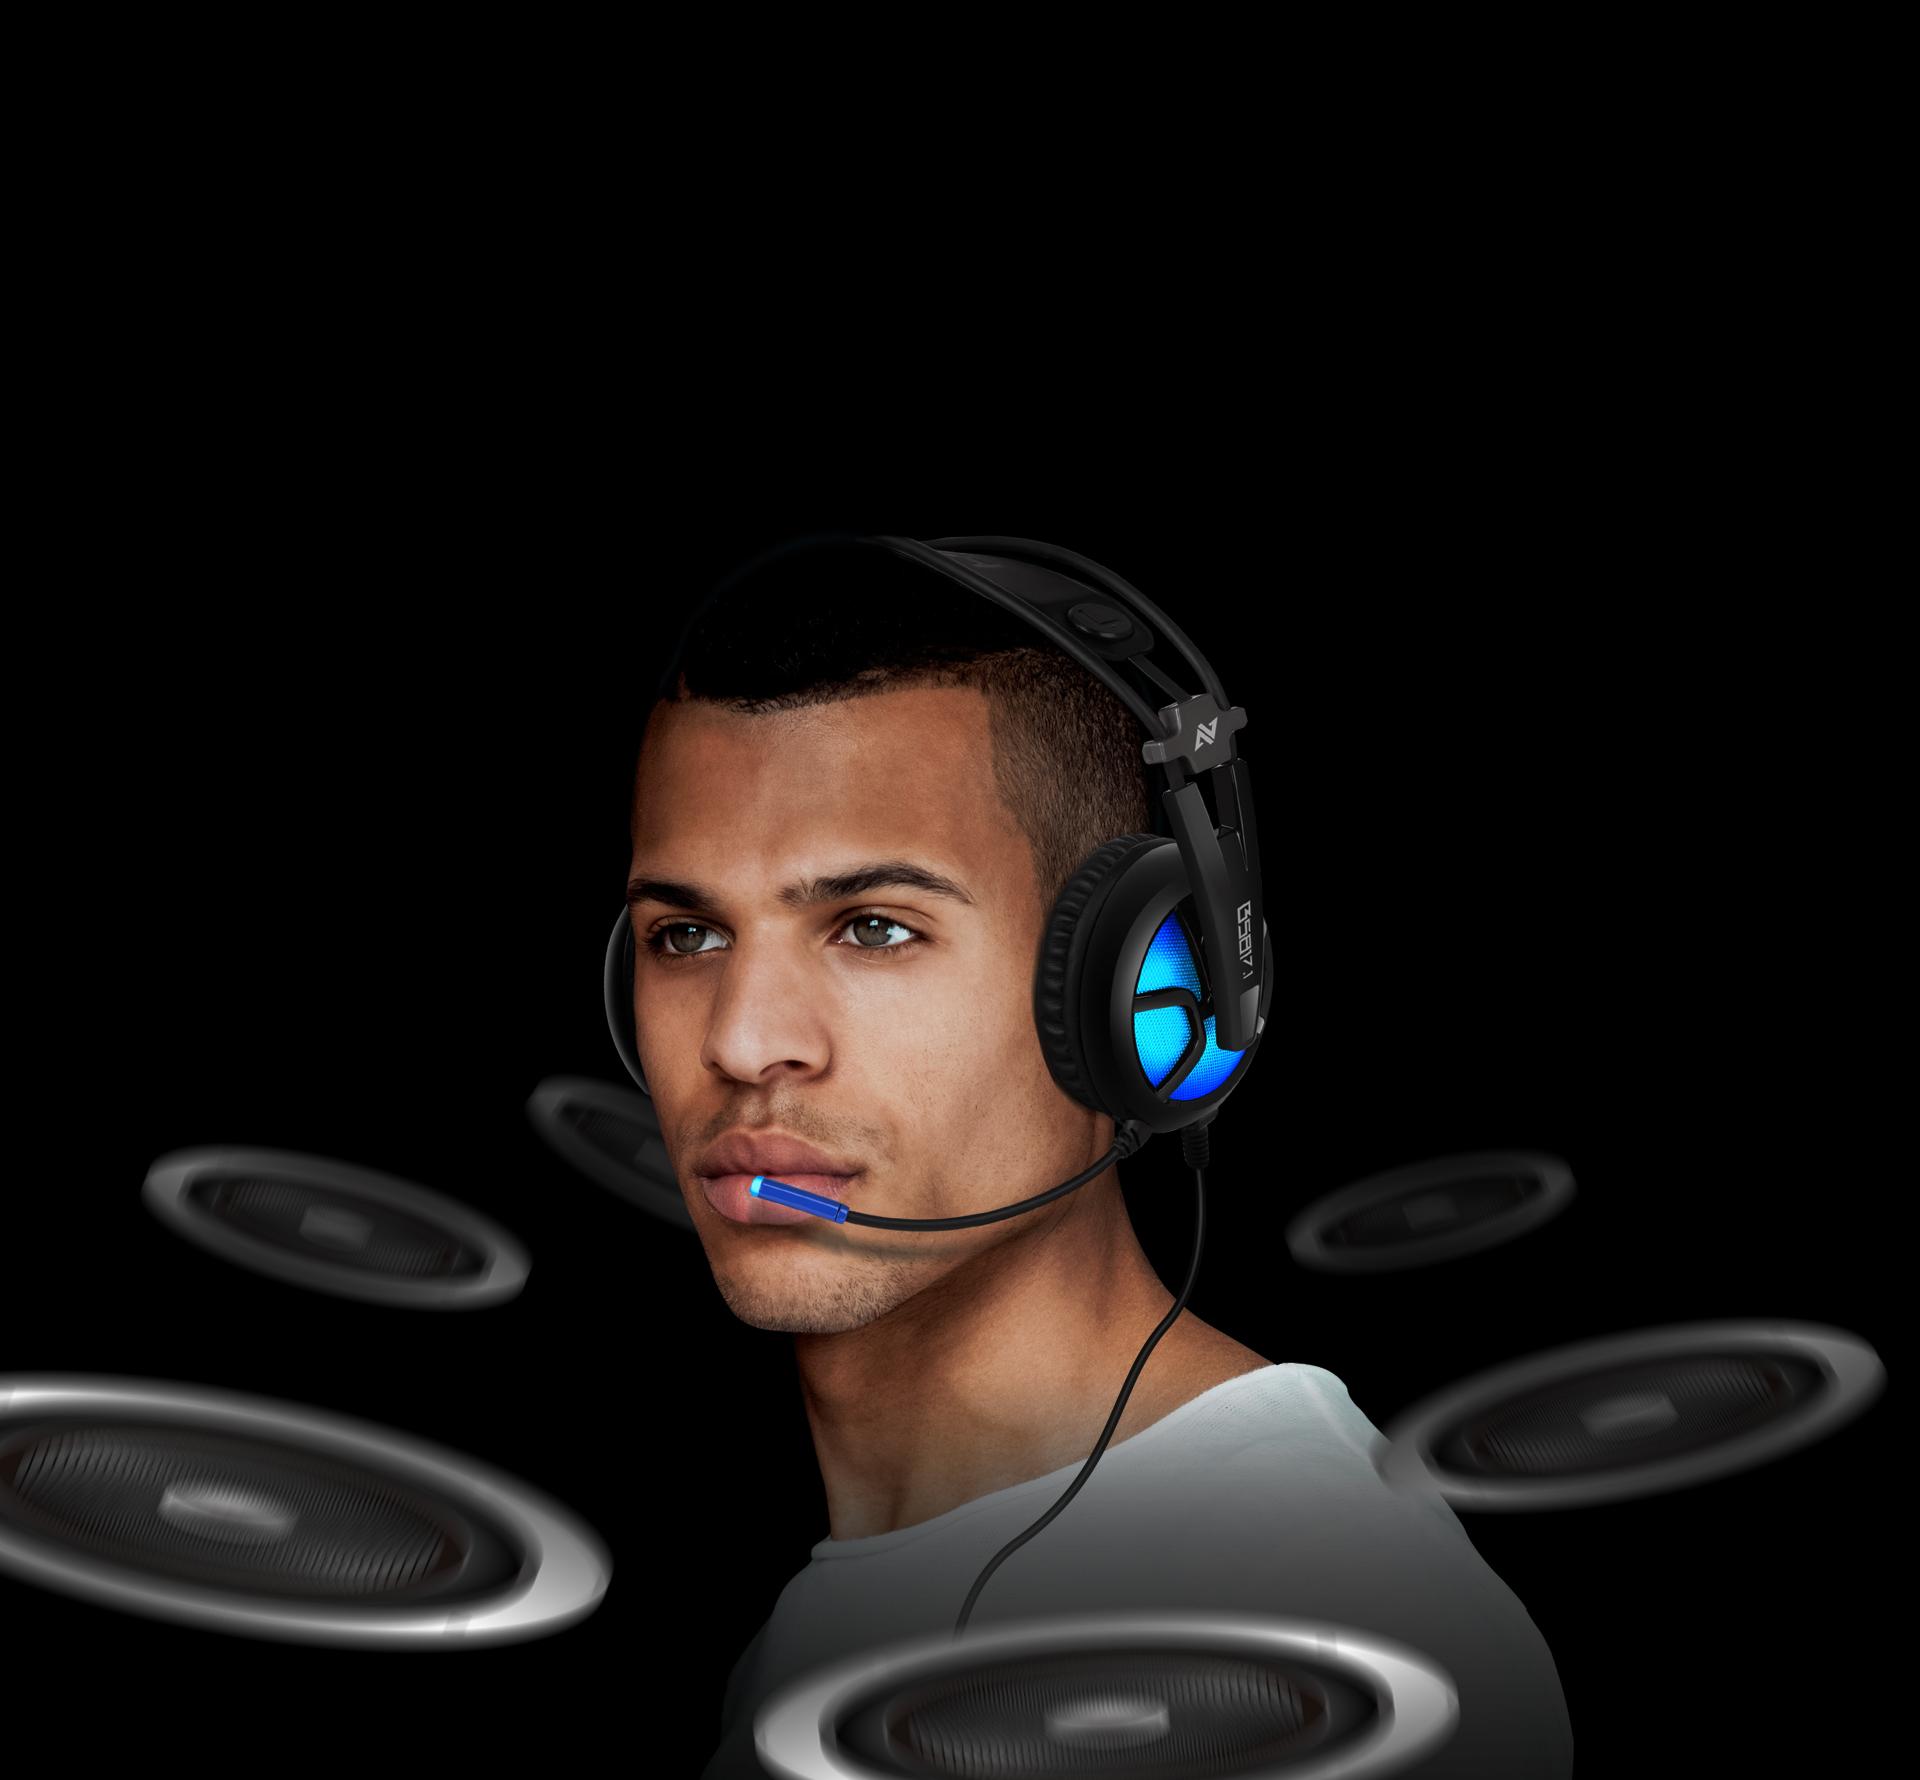 Auriculares B581 Virtual 7.1 Imagen descripción sonido envolvente